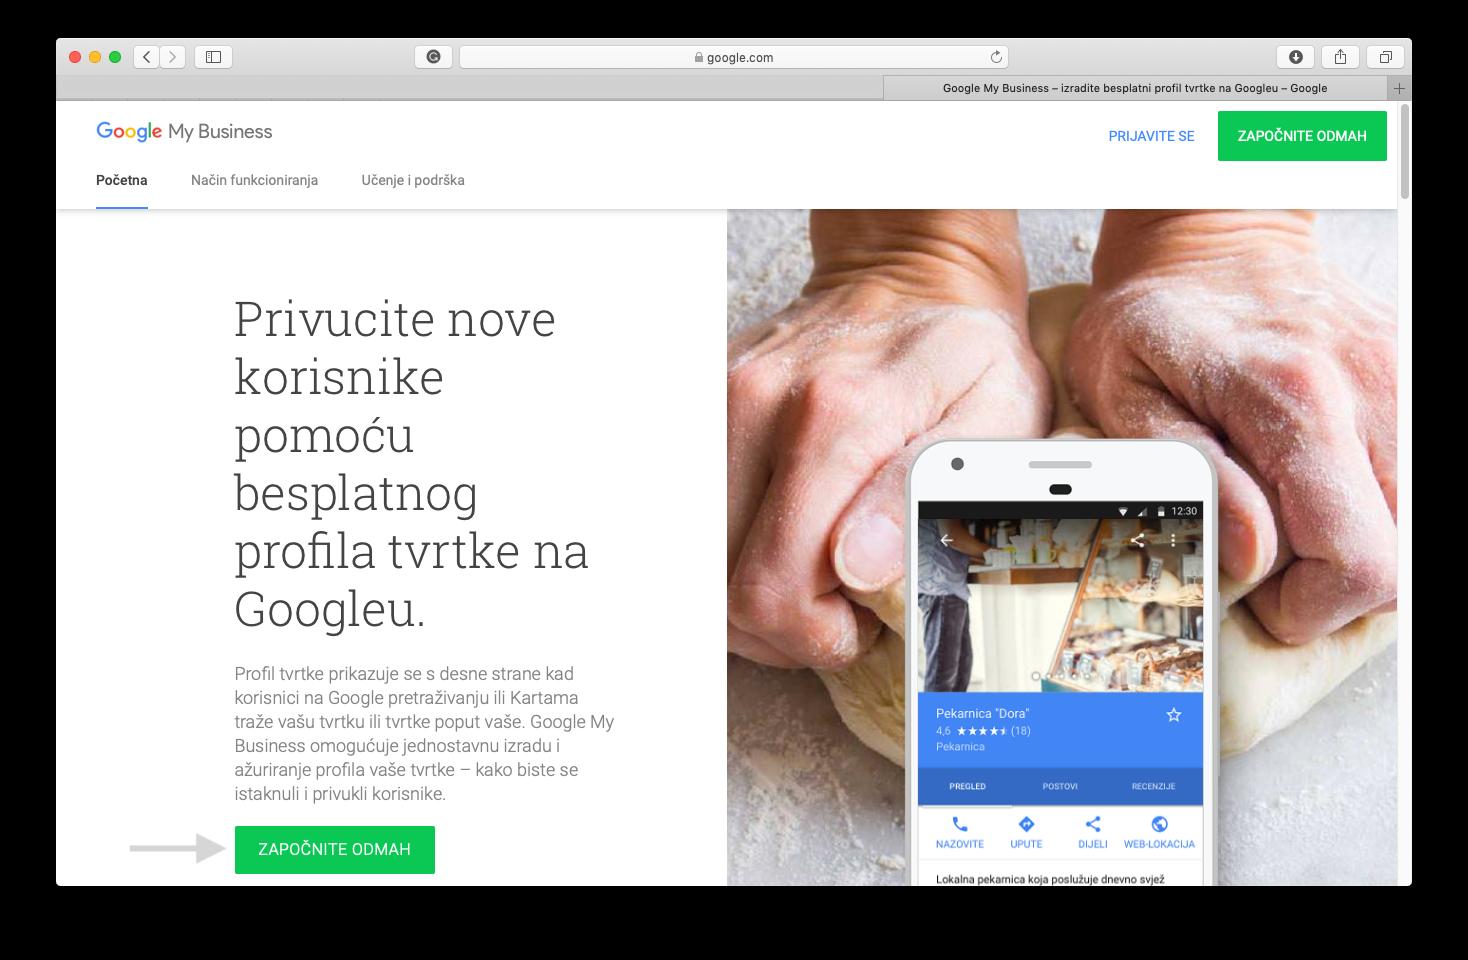 Koju web lokaciju za pronalaženje koriste nepodatci